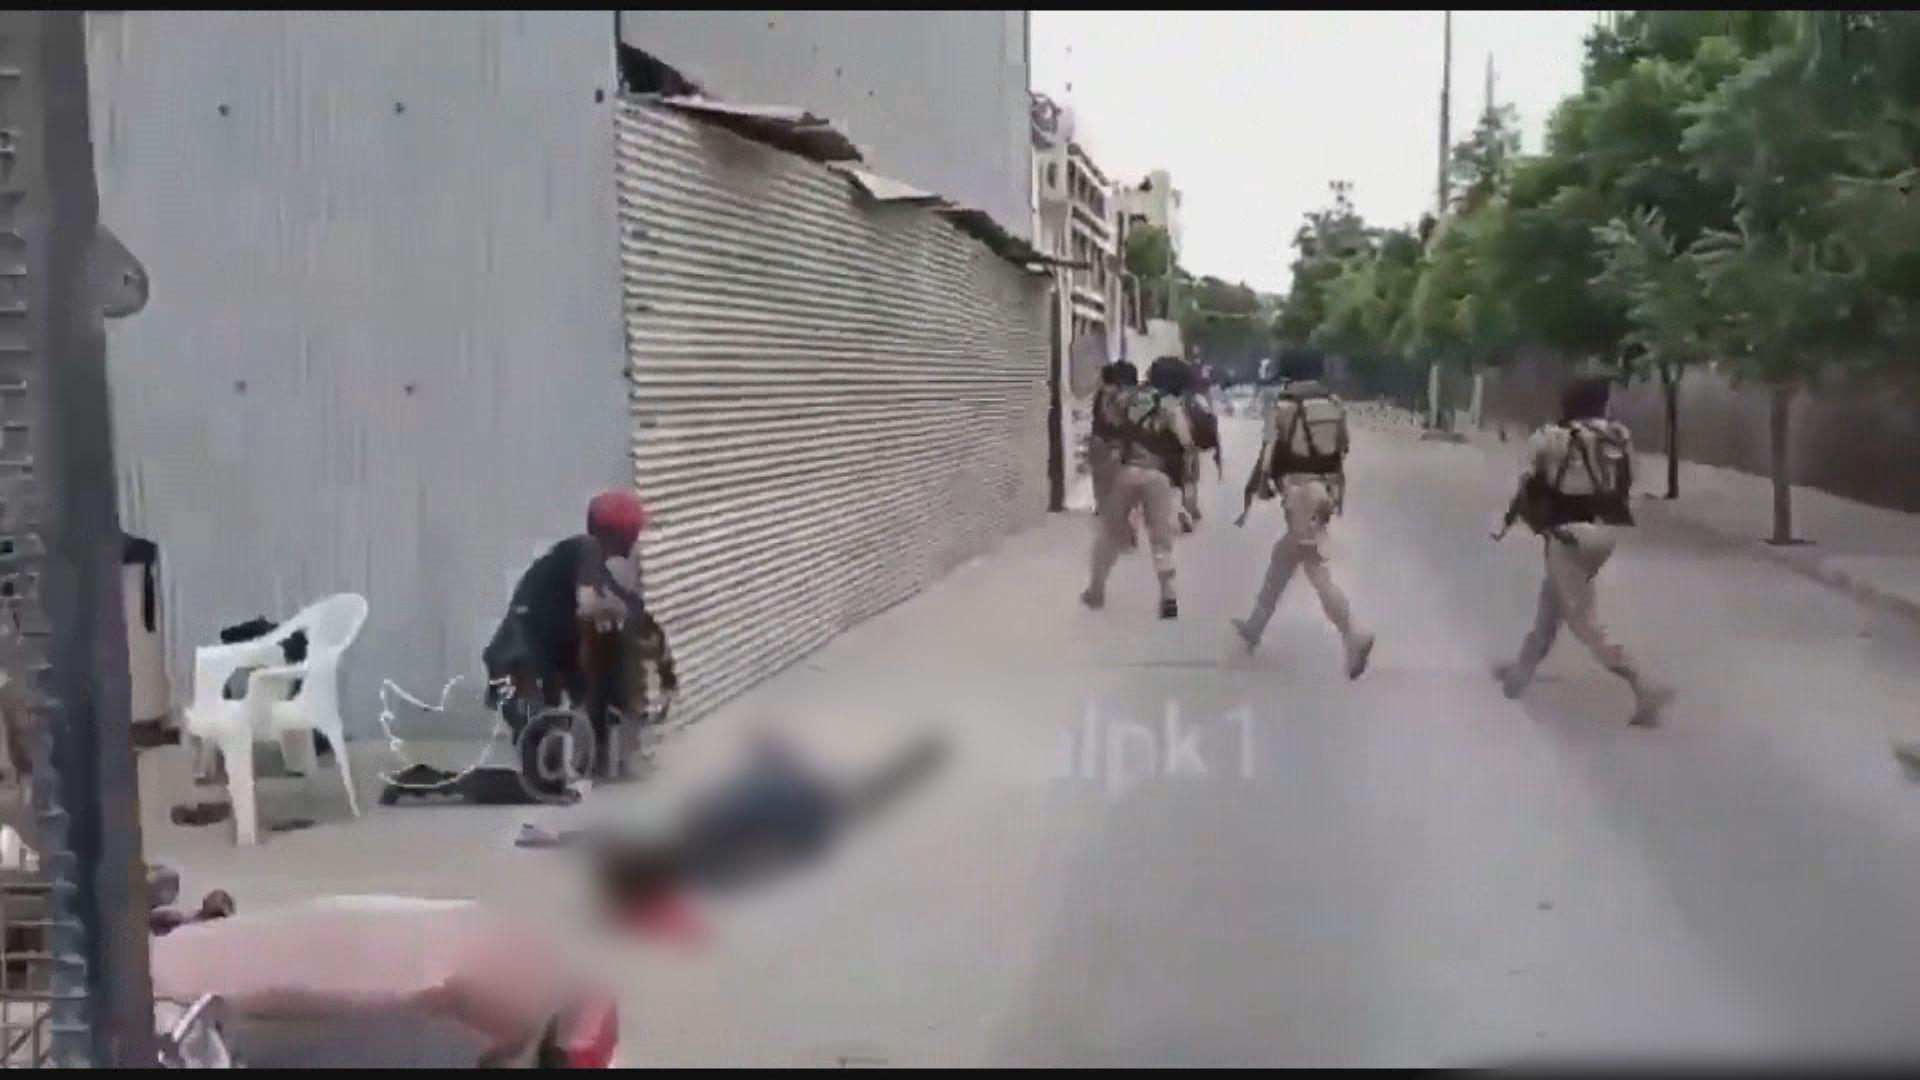 巴基斯坦證券交易所遇襲至少八死 包括一警三保安